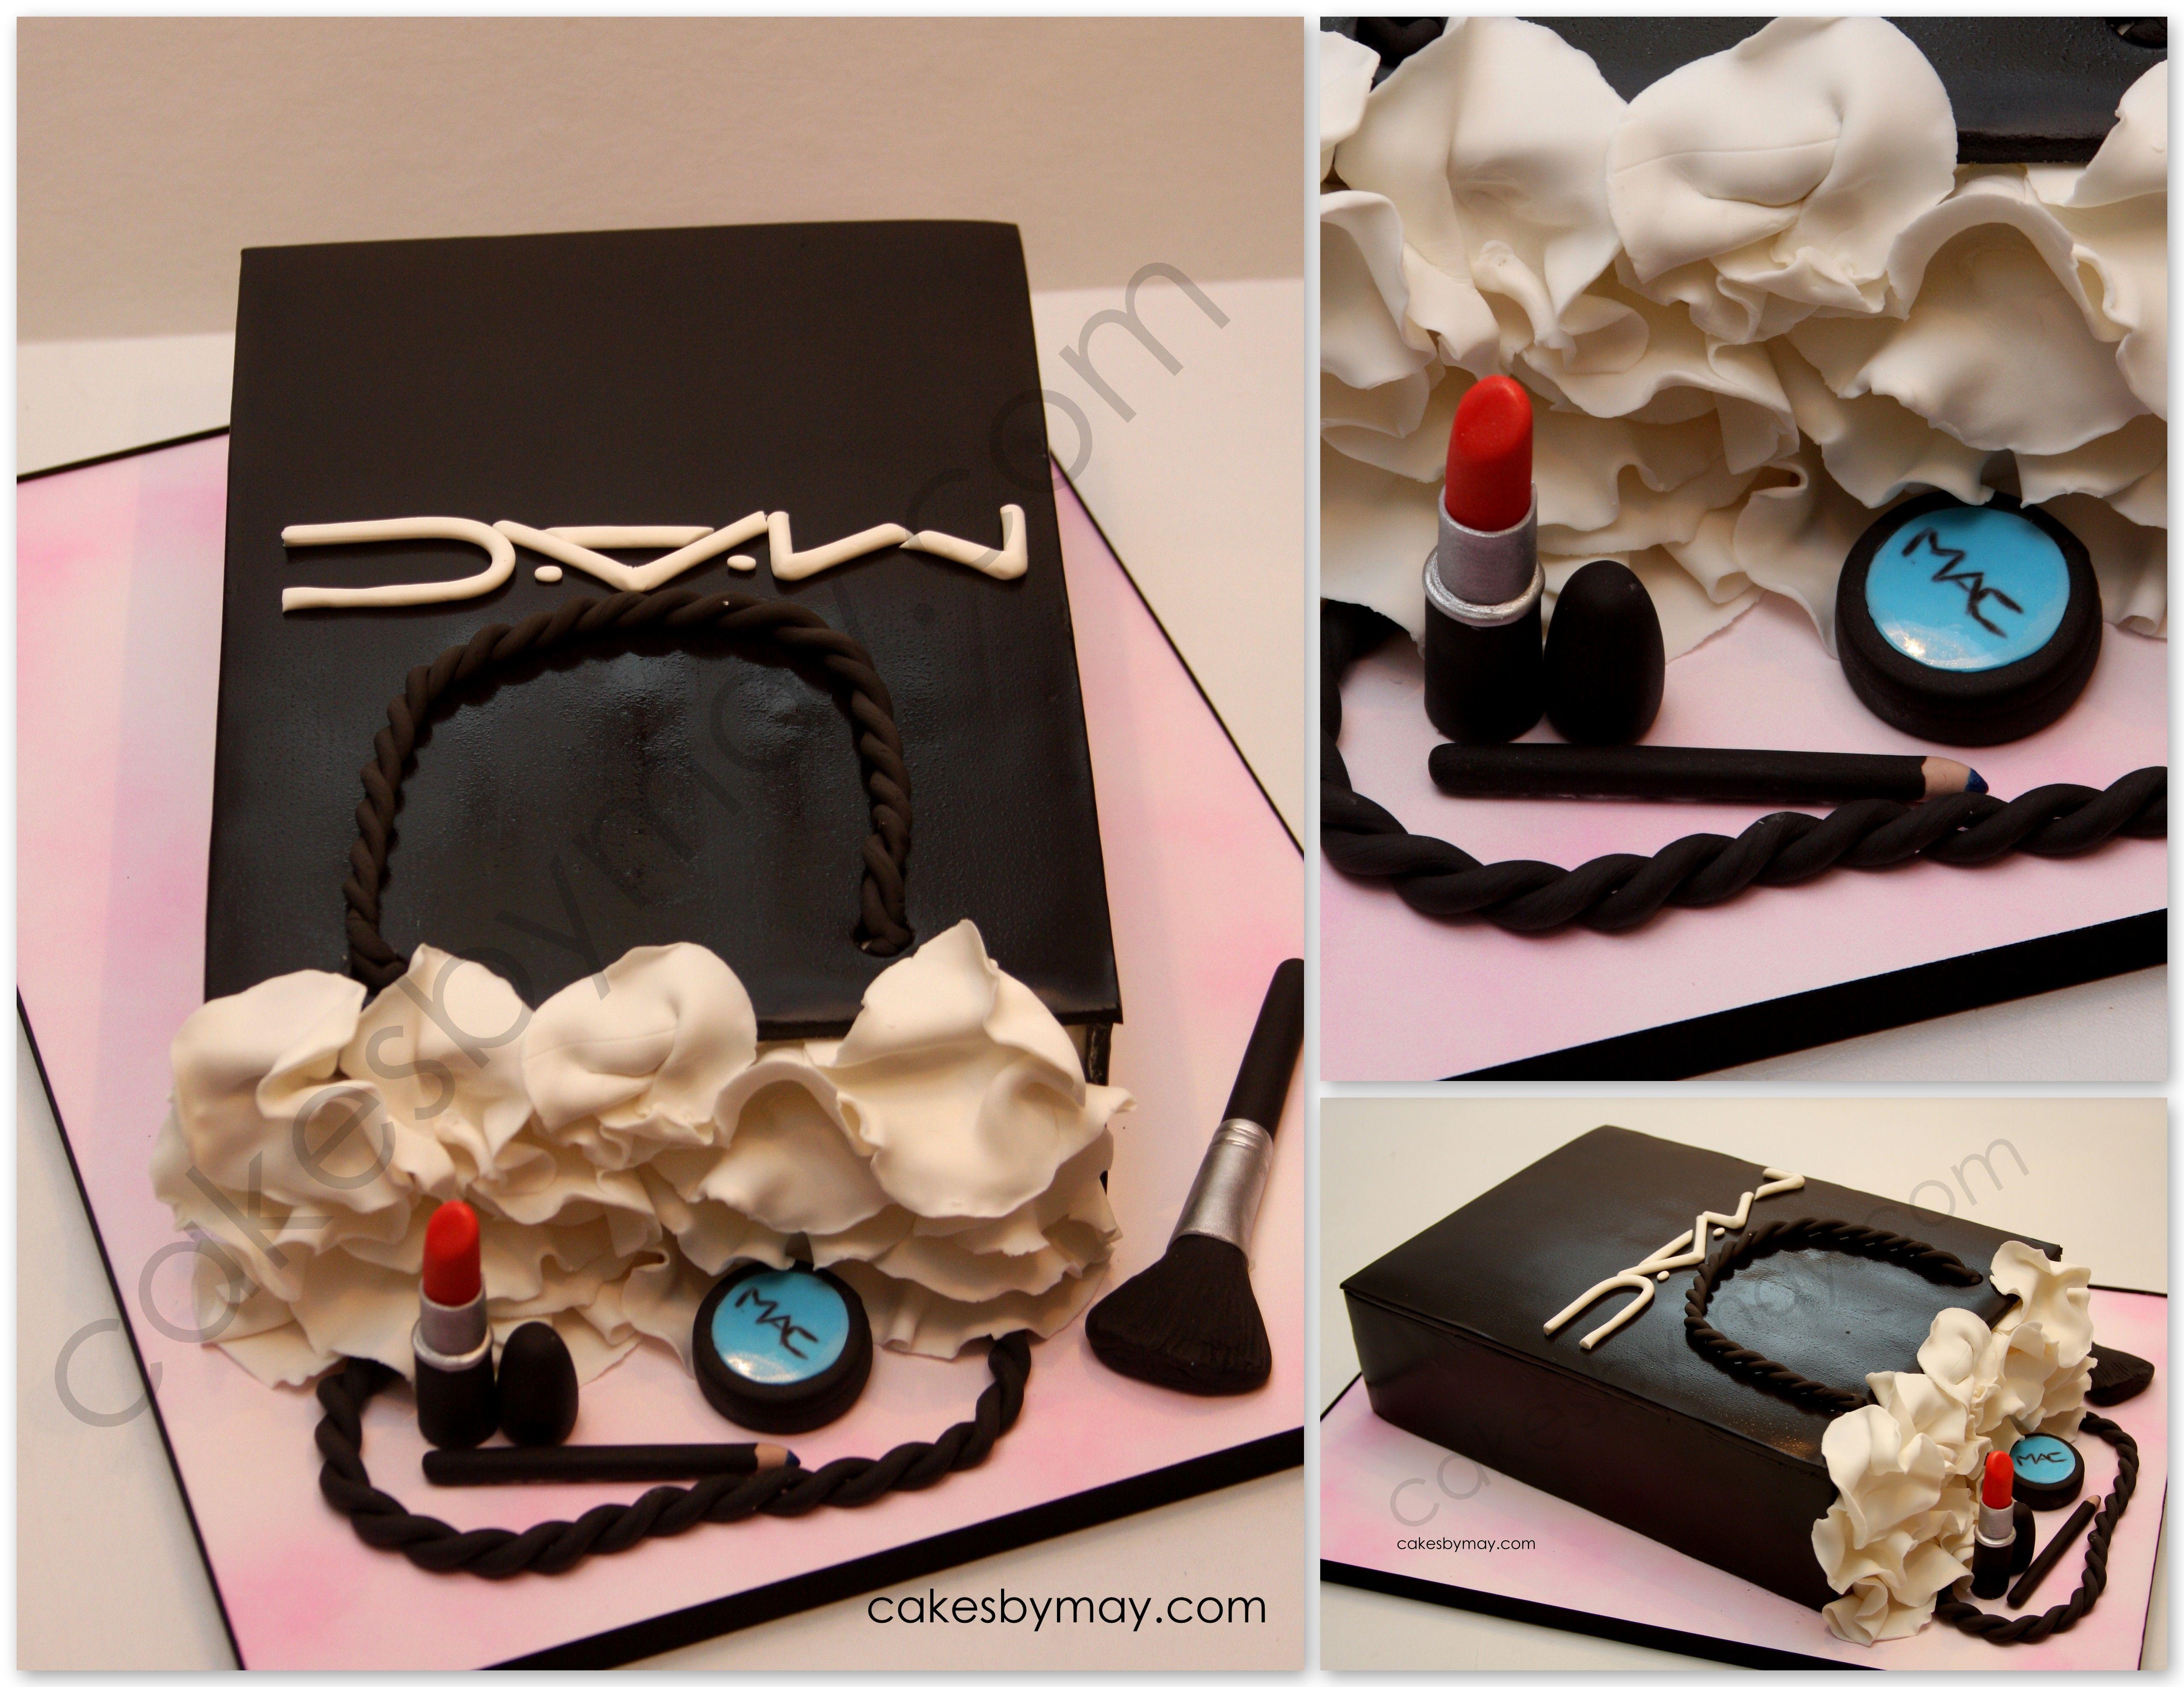 Strange Mac Cosmetics Shopping Bag Mac Cake Bag Cake Make Up Cake Personalised Birthday Cards Sponlily Jamesorg